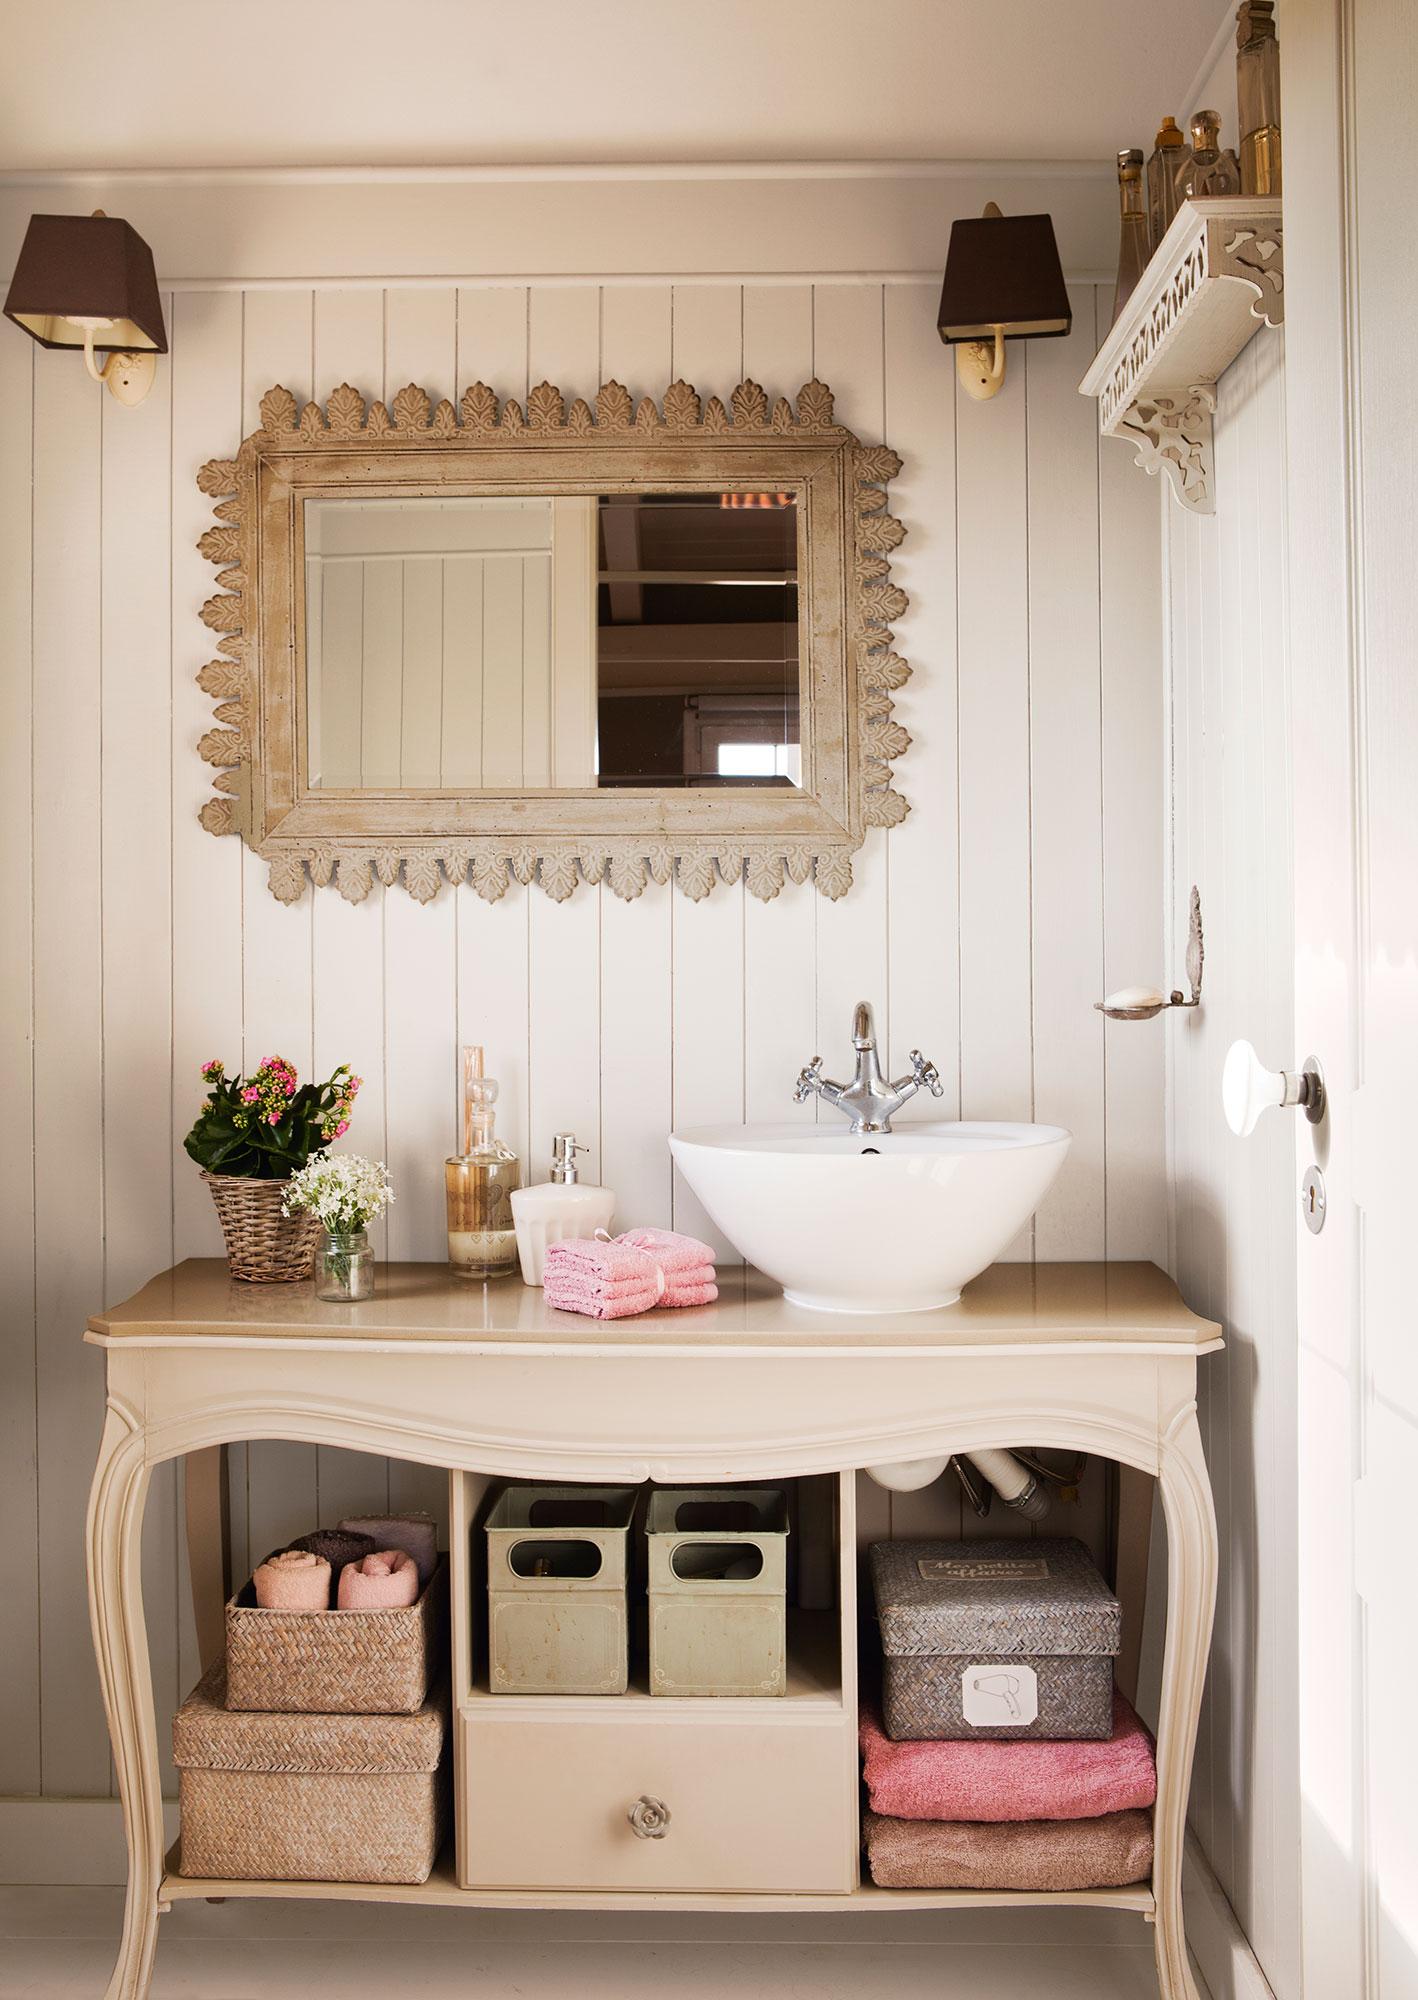 Claves del orden ideas y trucos para ganar espacio - Como hacer mueble para bano ...